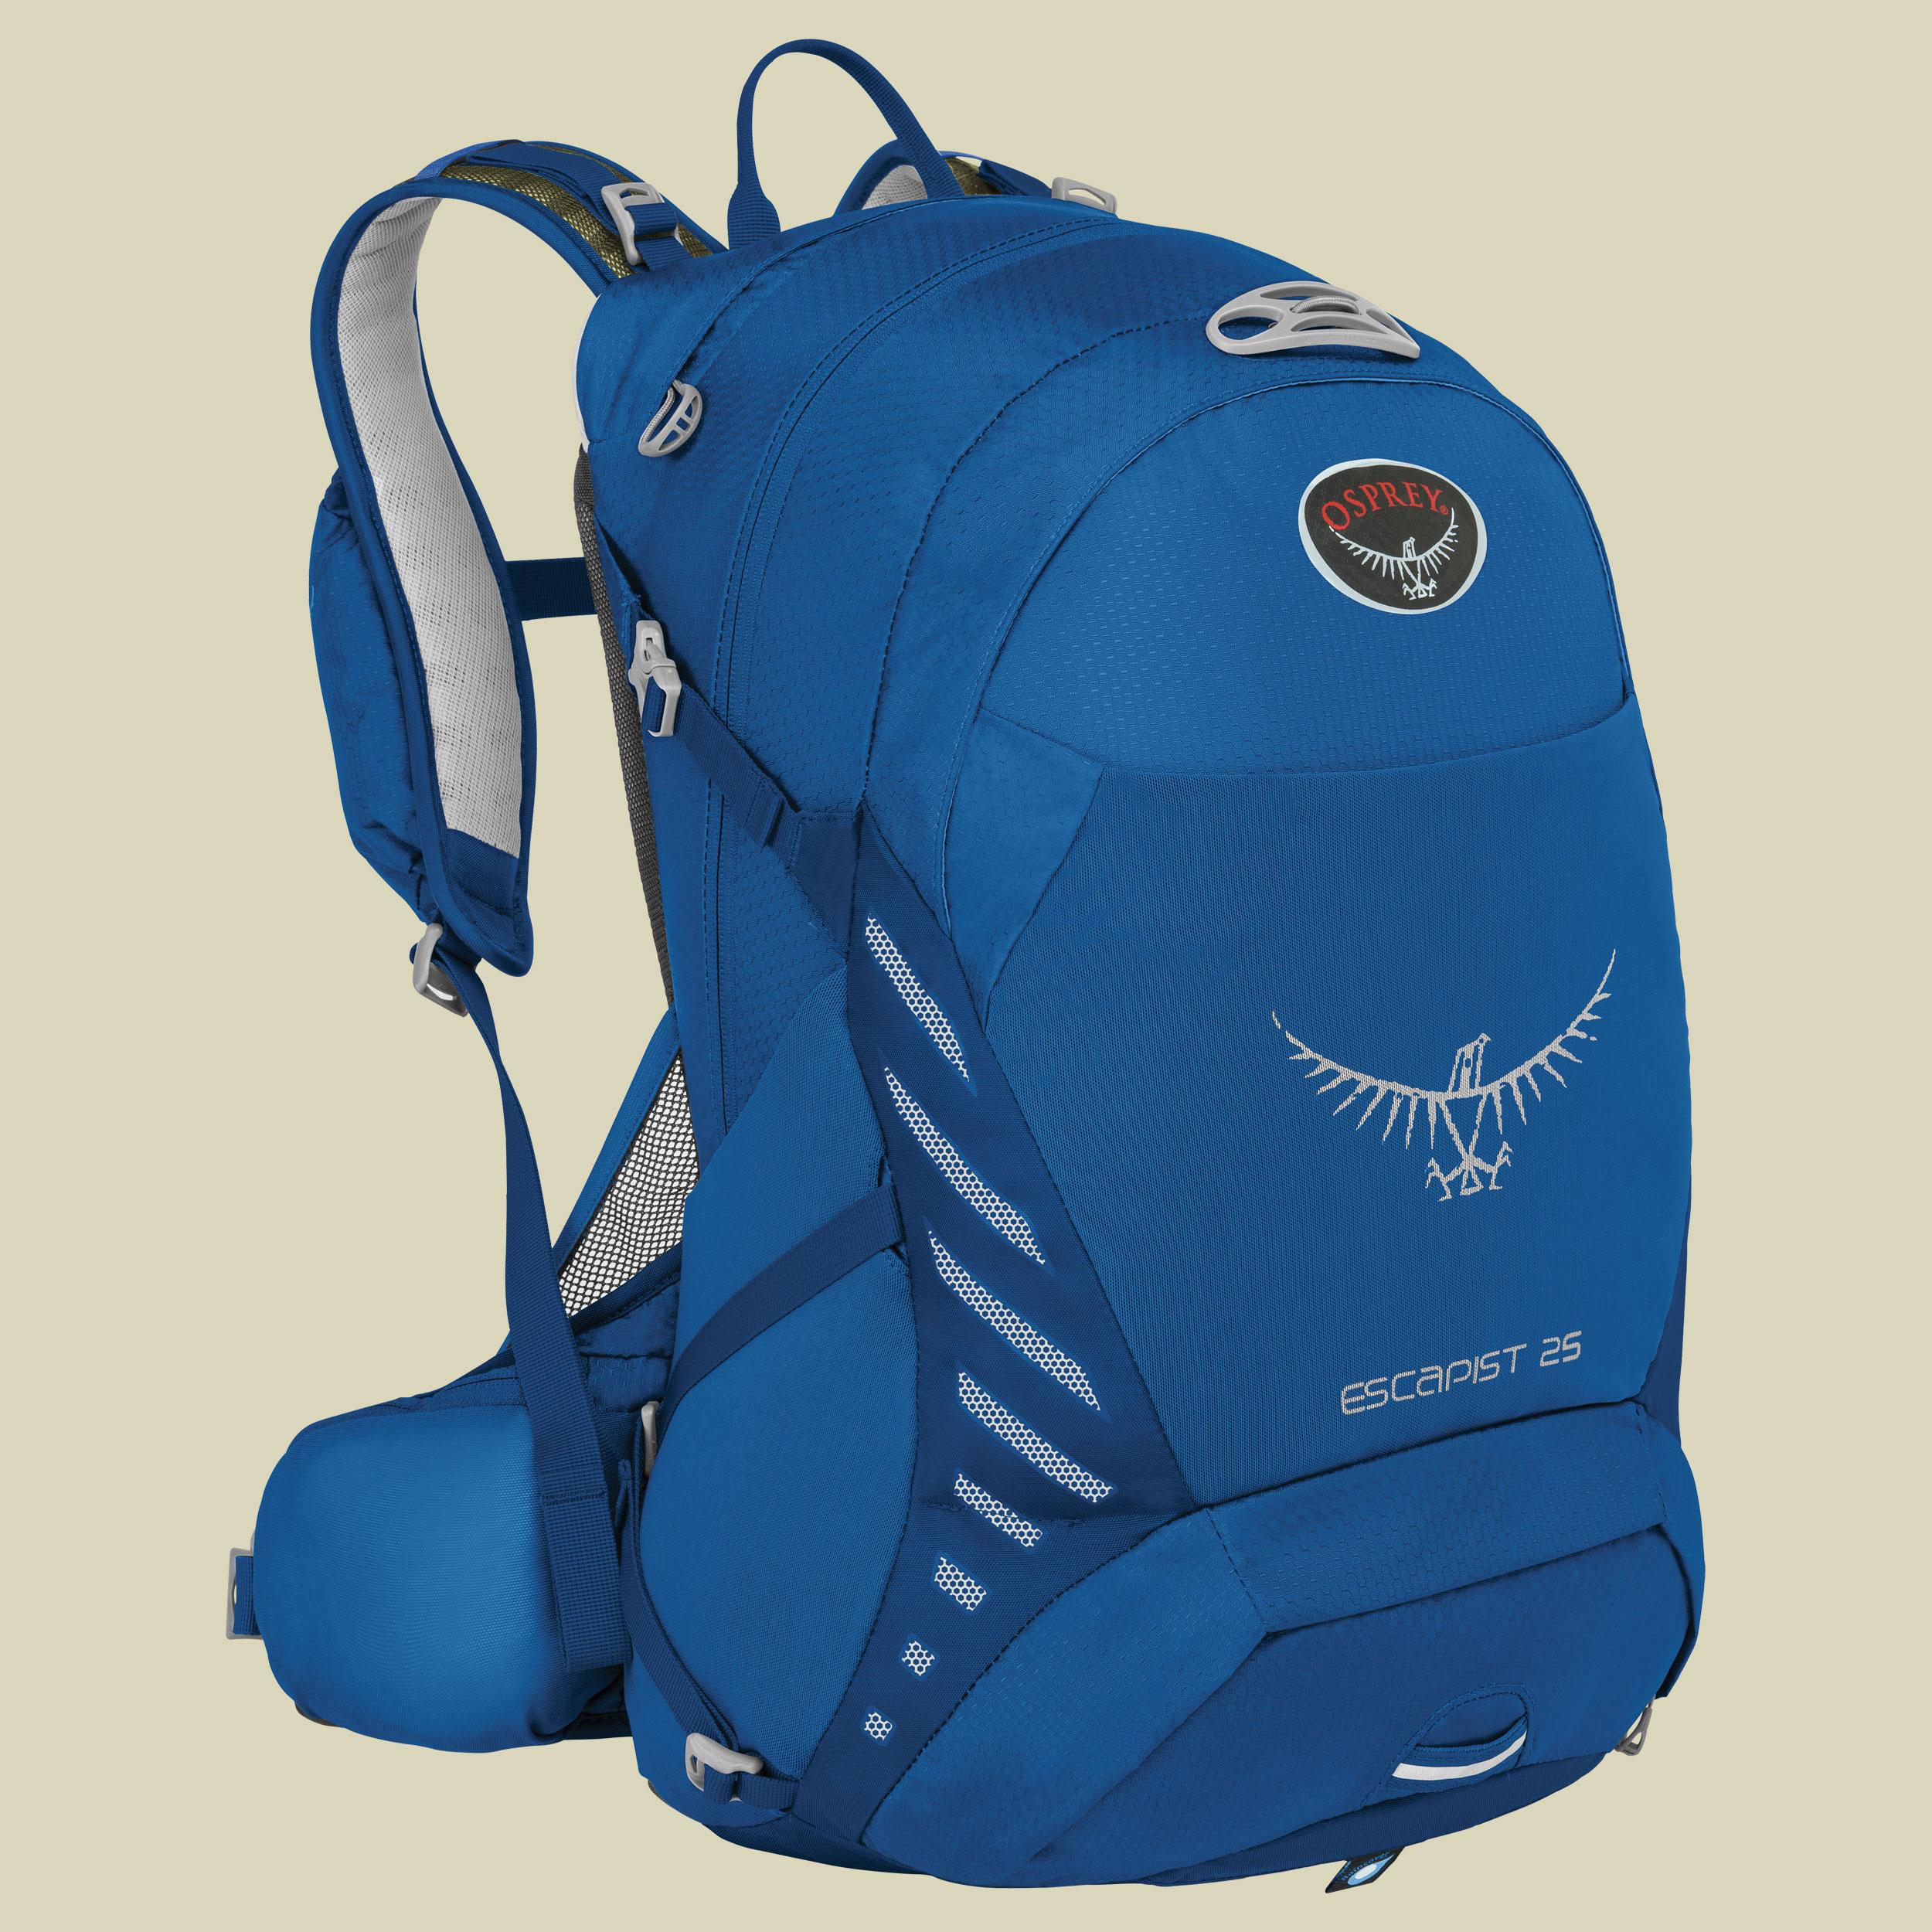 Osprey Escapist 25 Fahrradrucksack Volumen 23 indigo blue